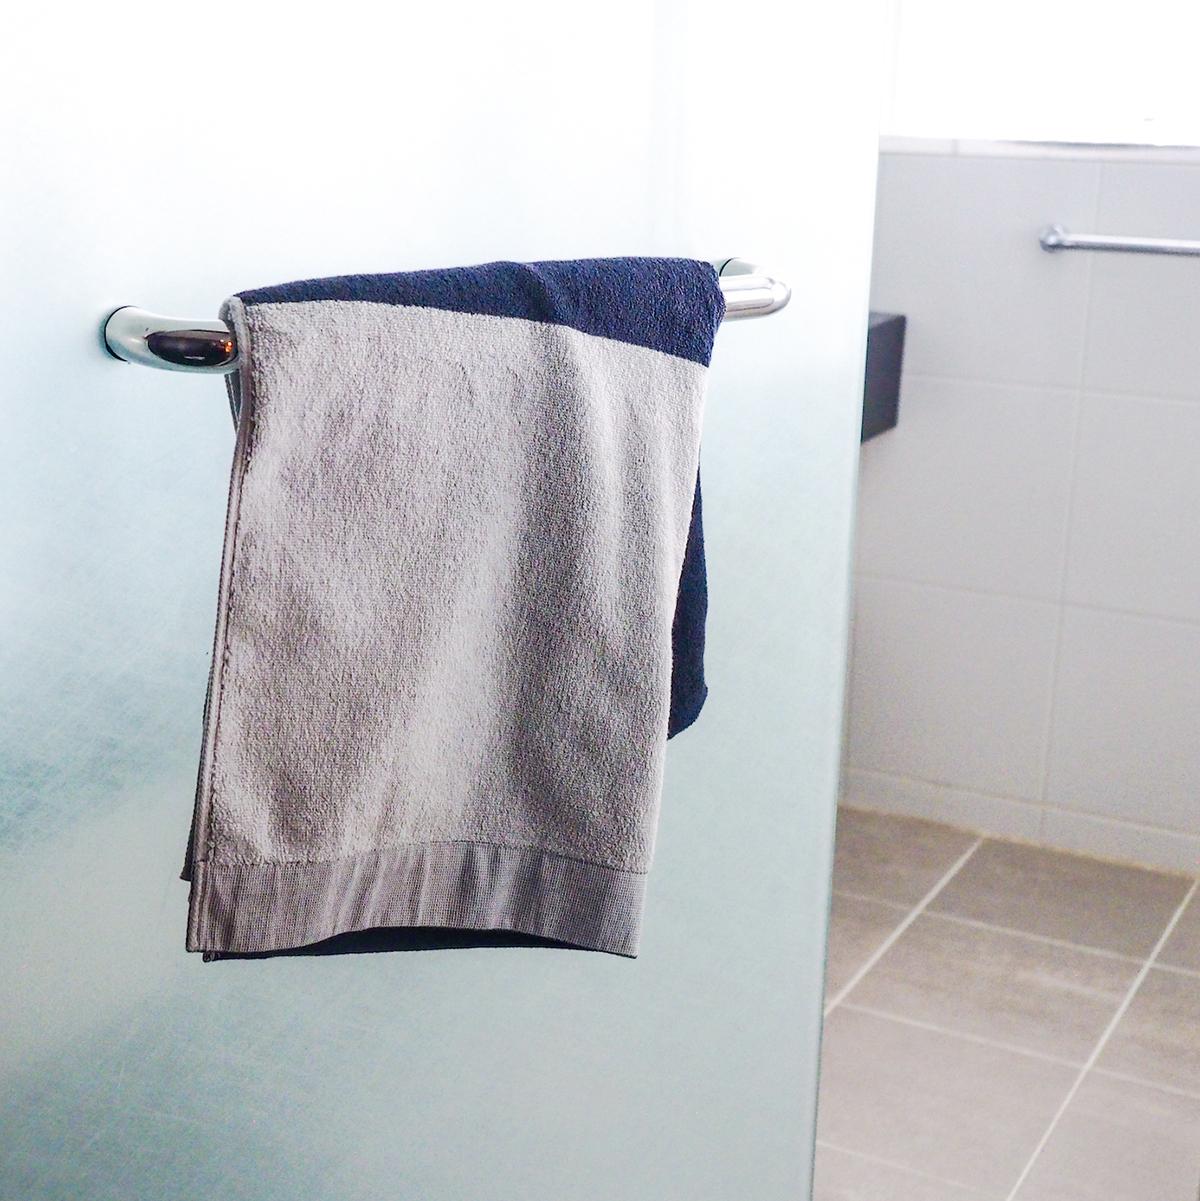 たしかに、臭いがつきにくいと実感しました。酸化チタンと銀の作用で、生乾き臭・汗臭の菌を分解する「タオル」|WARP